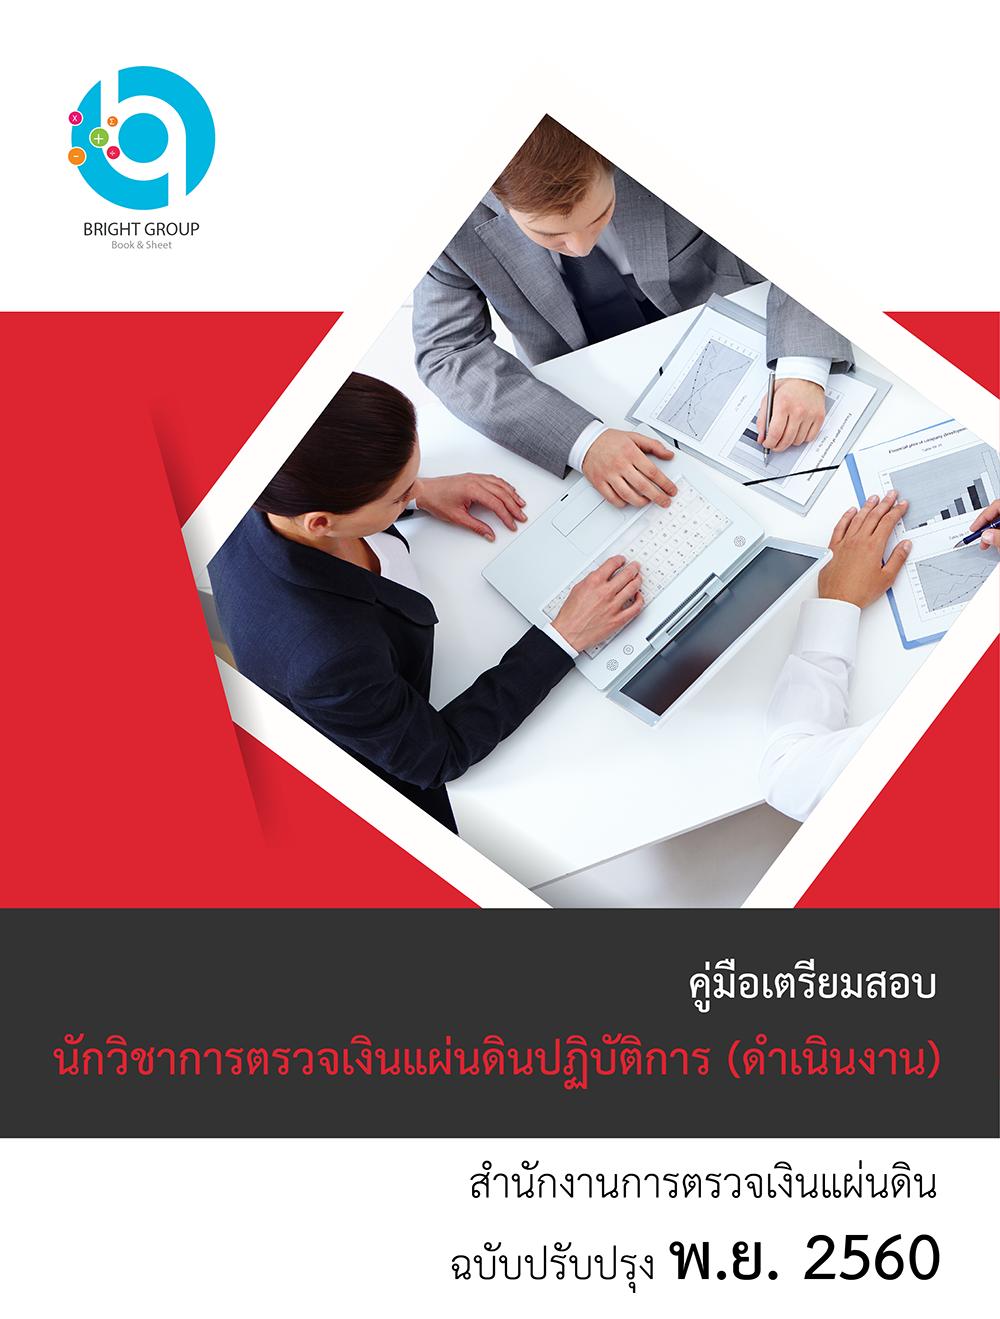 แนวข้อสอบนักวิชาการตรวจเงินแผ่นดินปฏิบัติการสำนักงานการตรวจเงินแผ่นดินพร้อมเฉลย